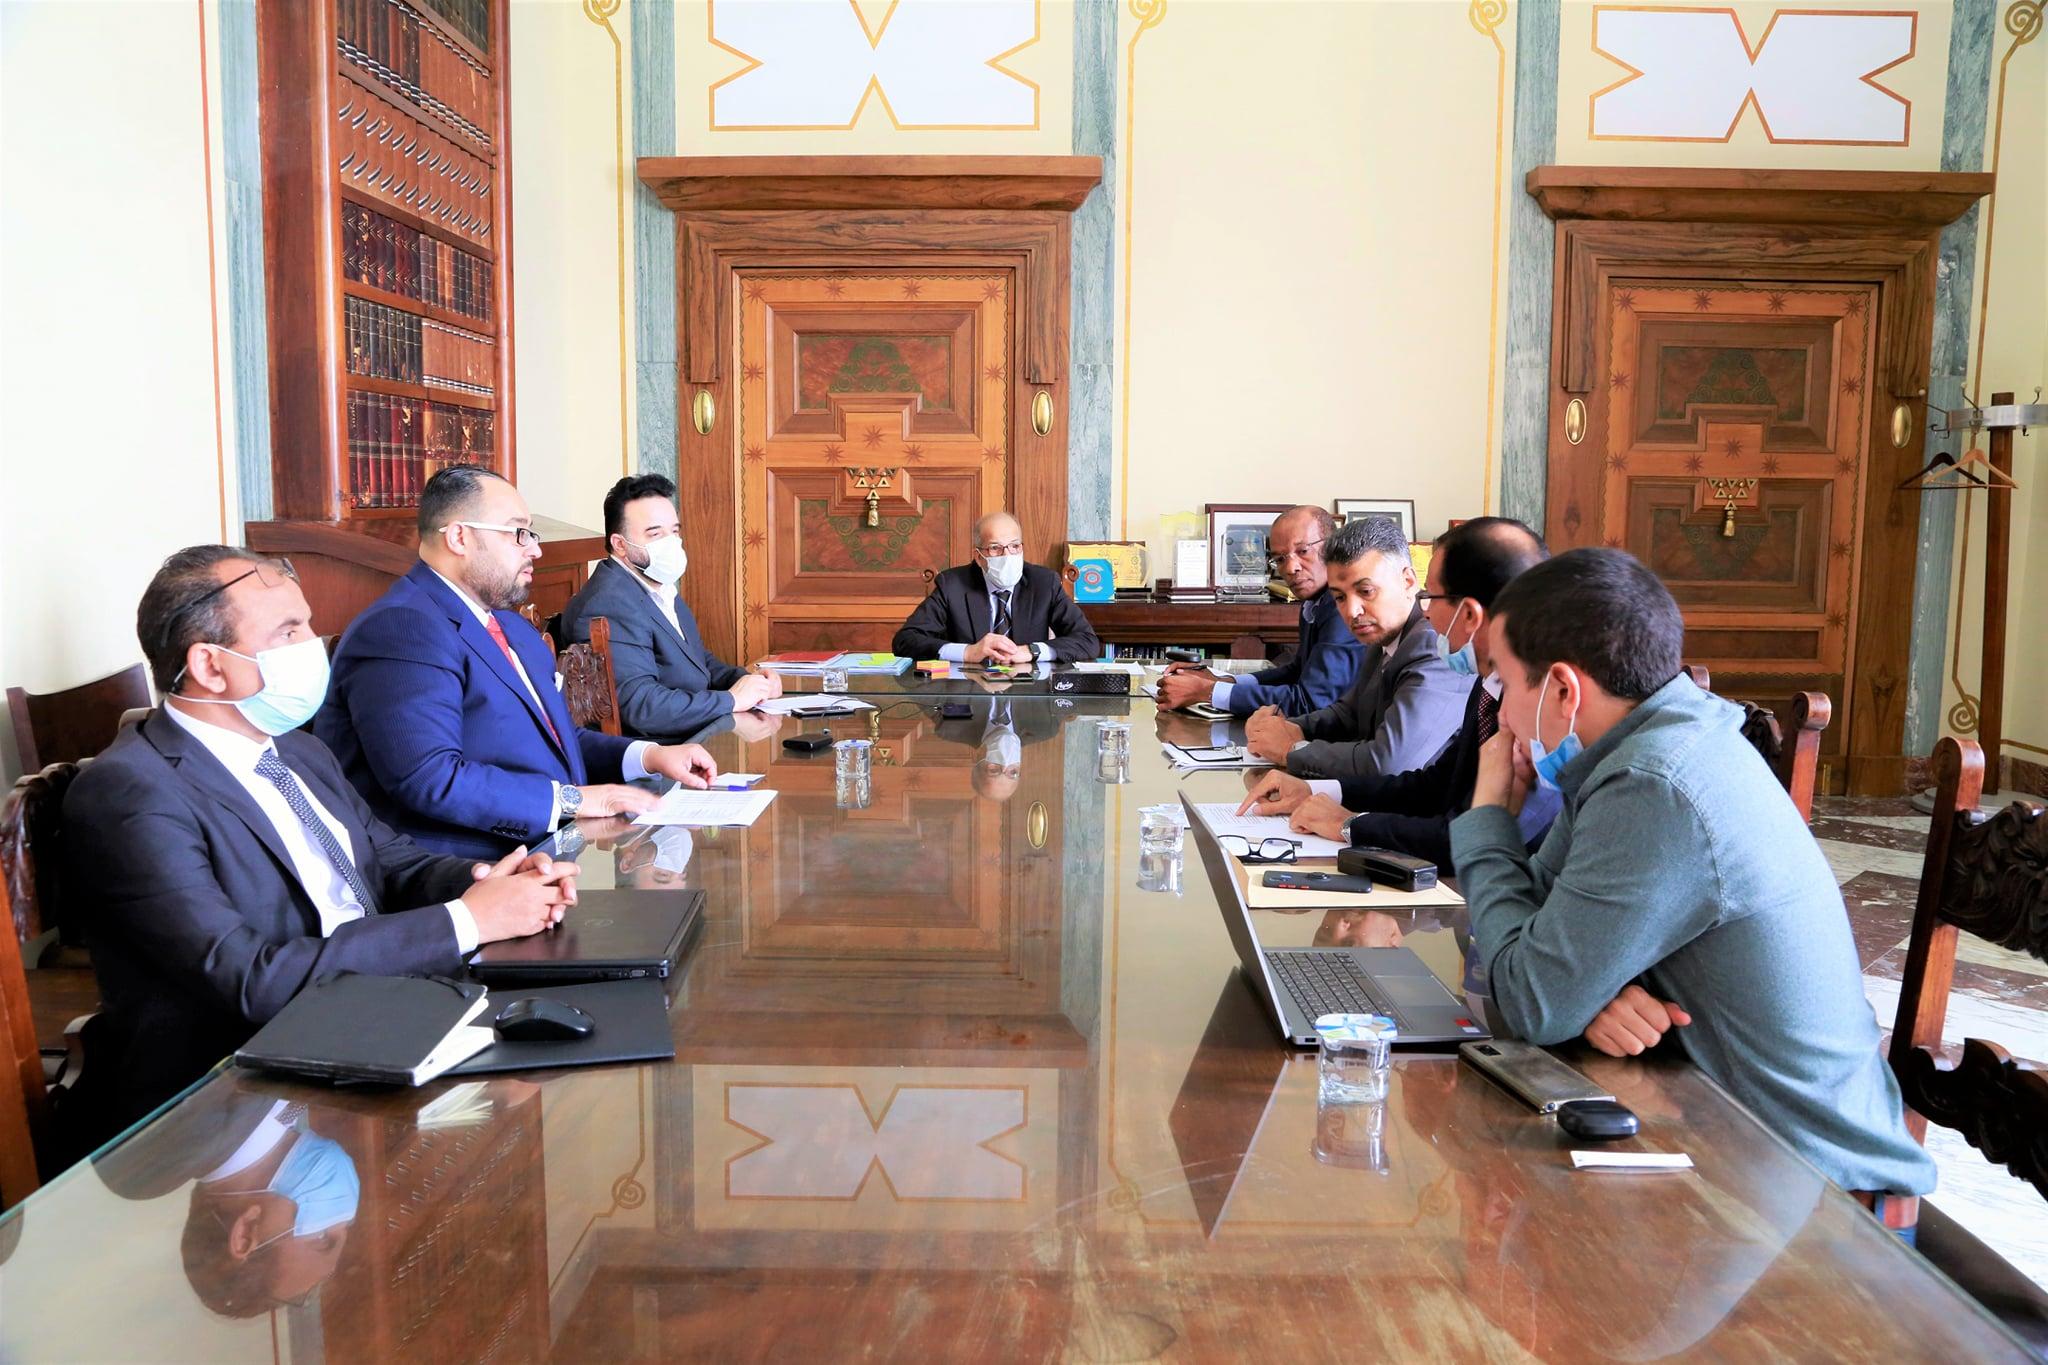 إجتماع مصرف ليبيا المركزي بشأن إطلاق مجموعة من المشاريع المختلفة